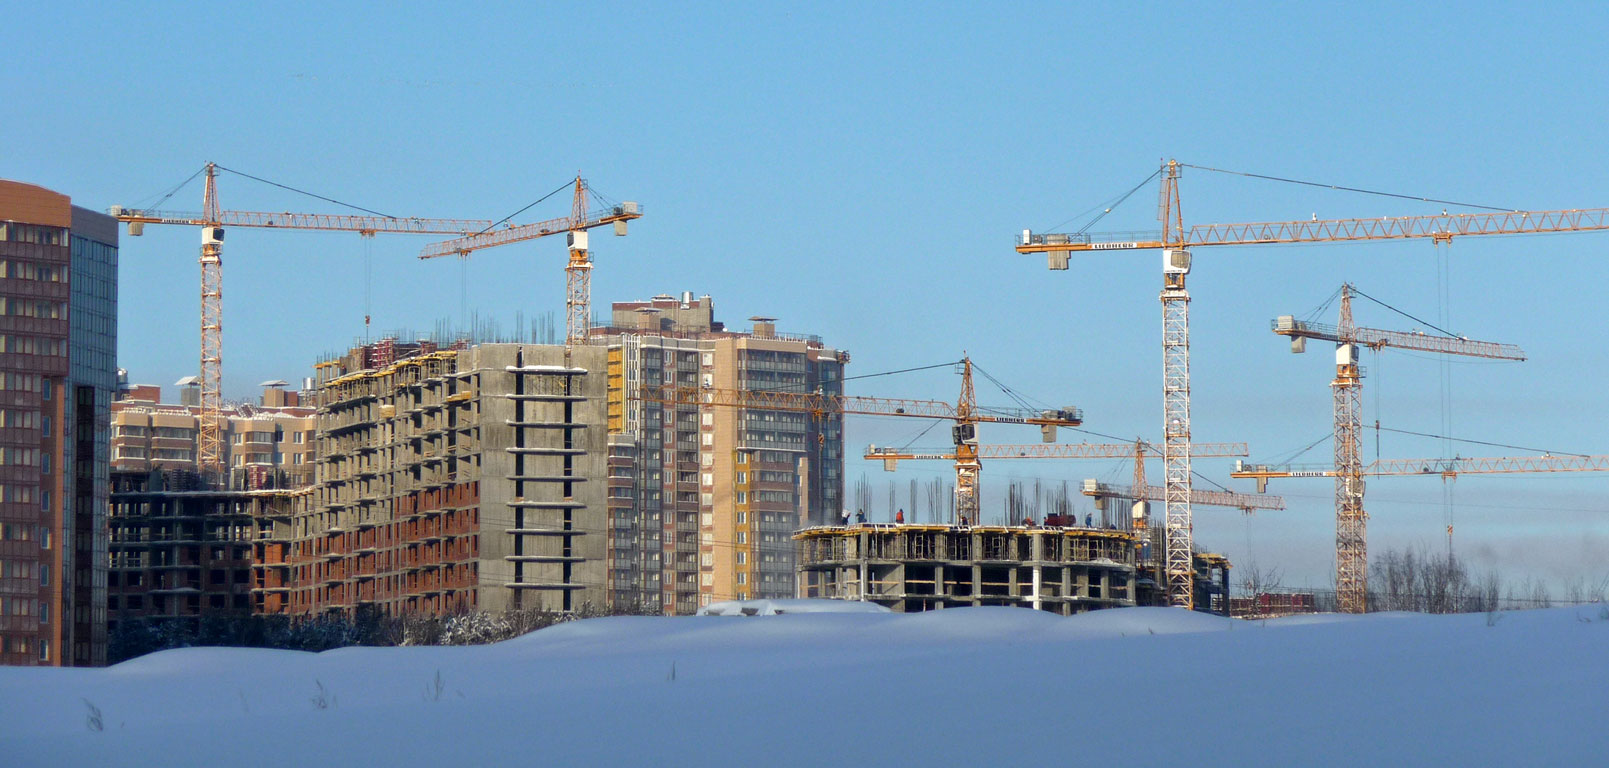 аренда башенного крана спб, аренда башенного крана москва, аренда башенного крана санкт-петербург. объект юбилейный спб